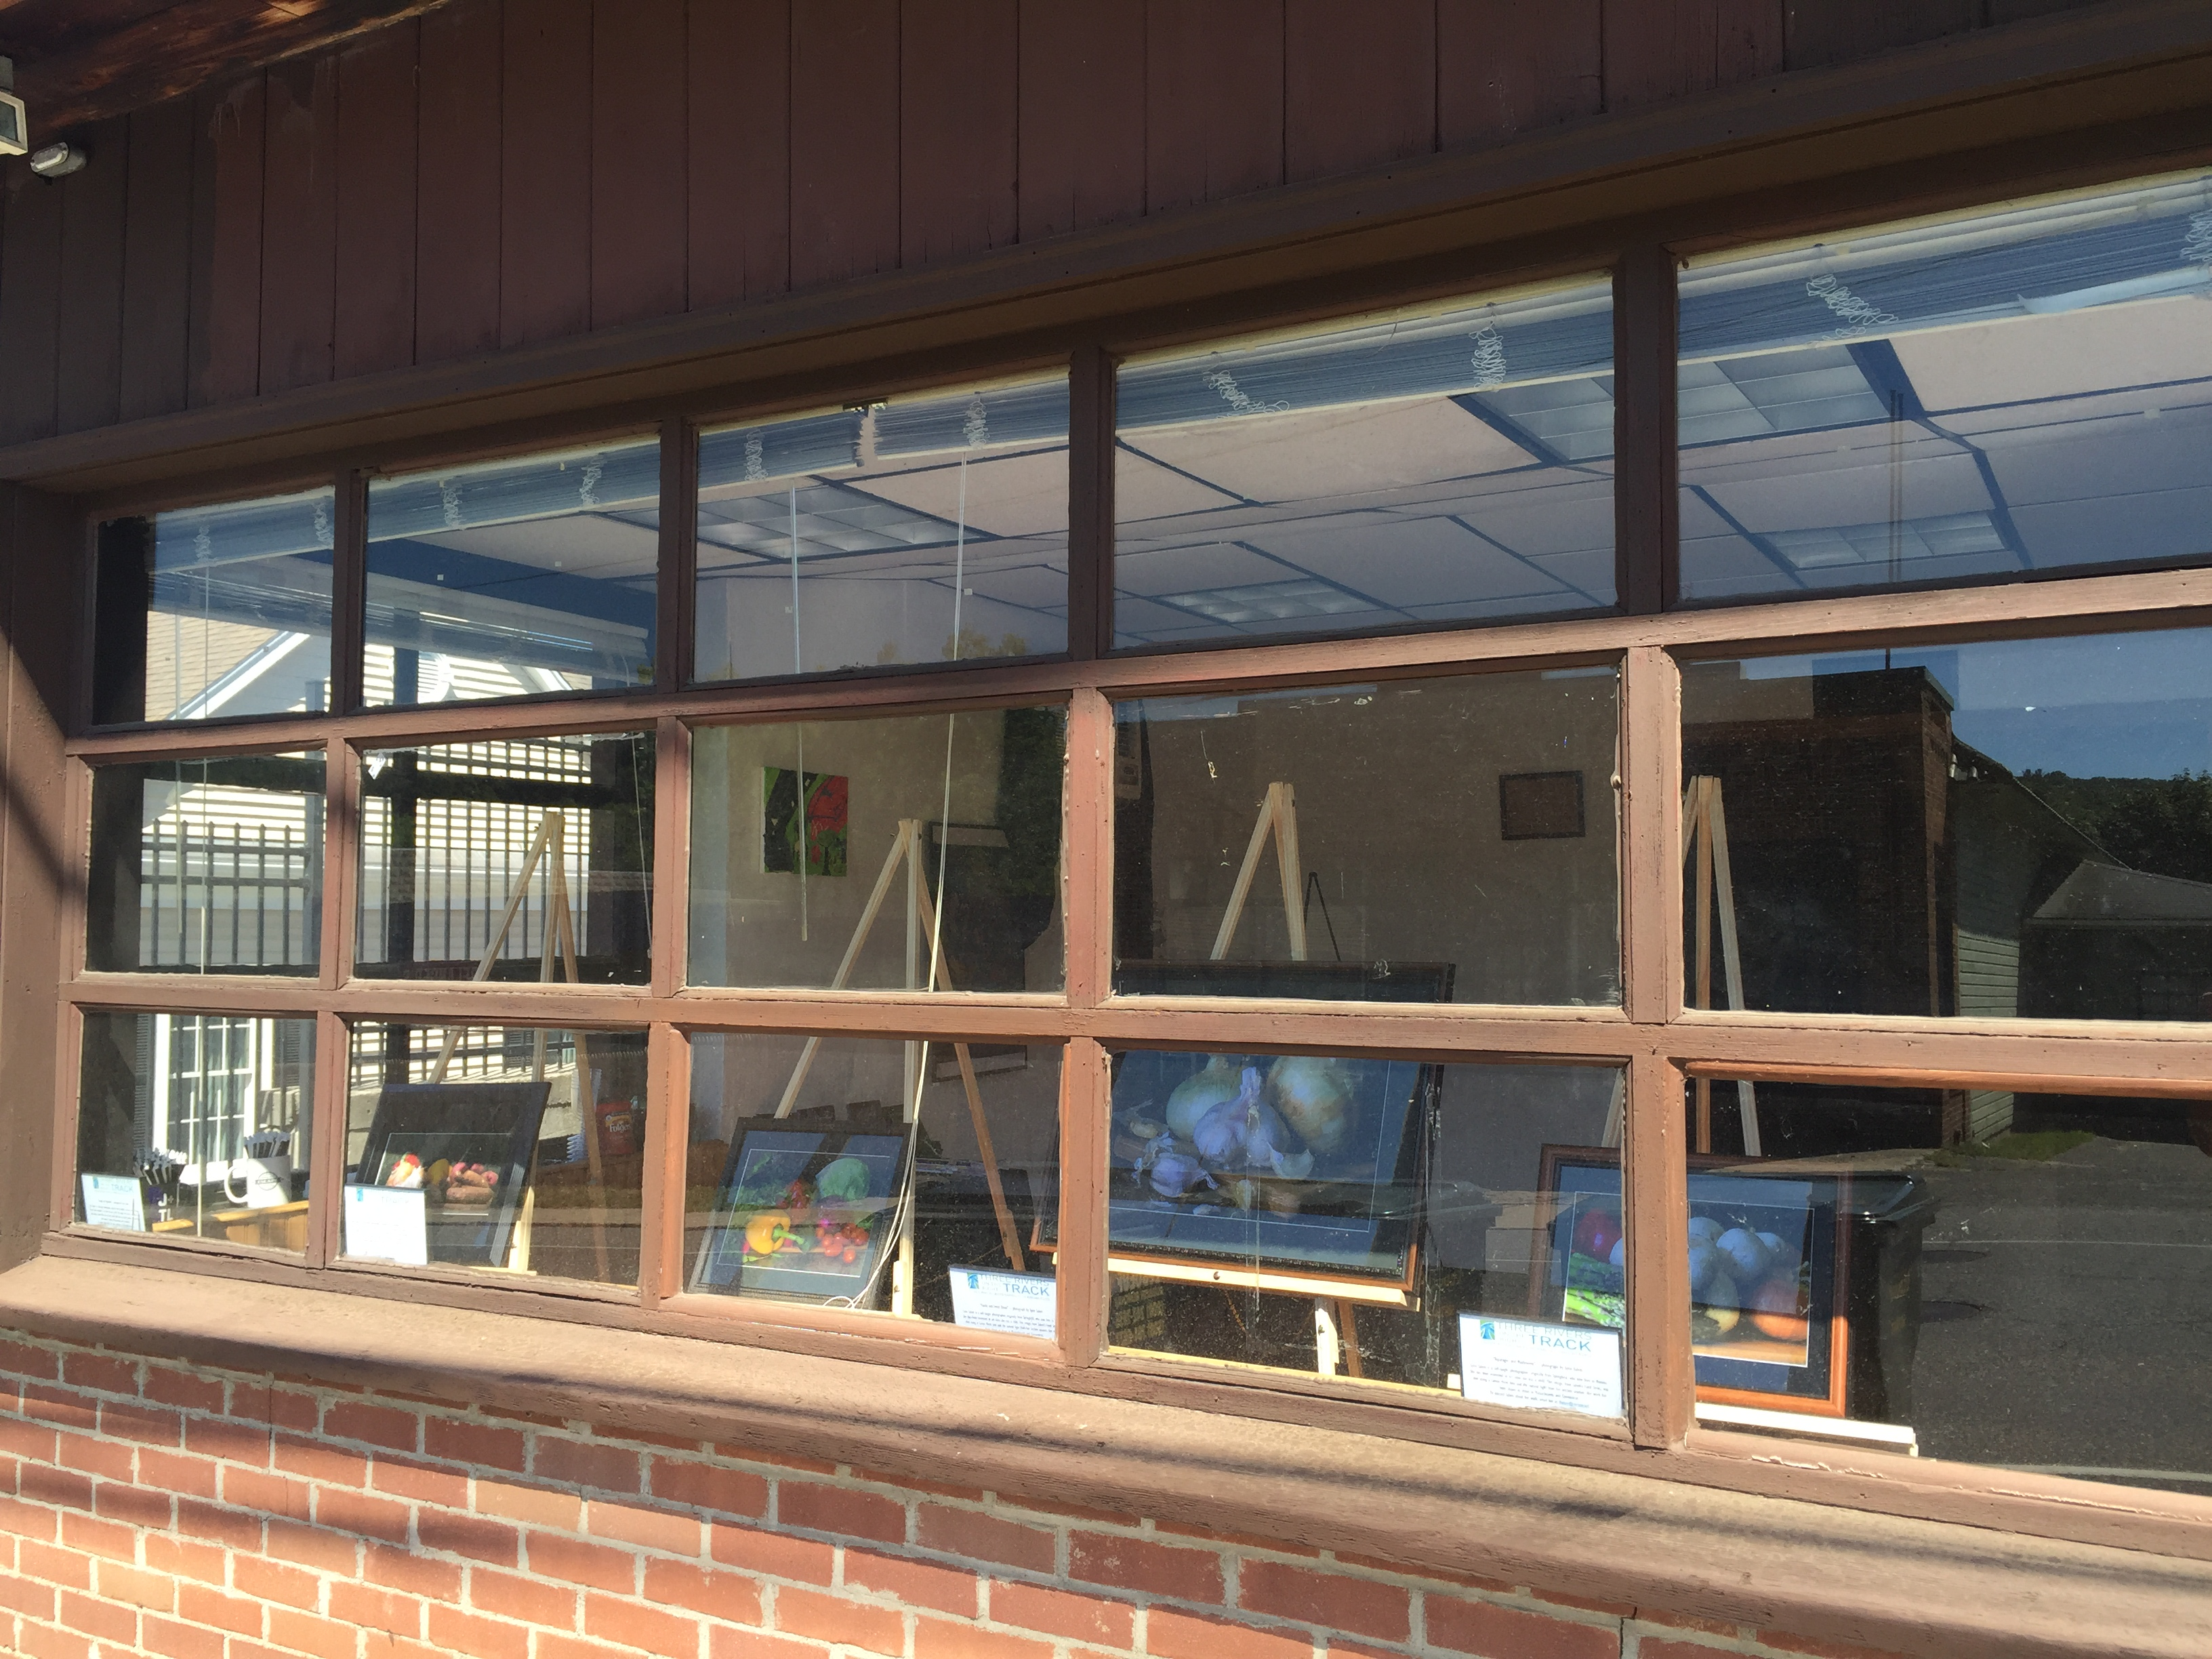 Salem front window view